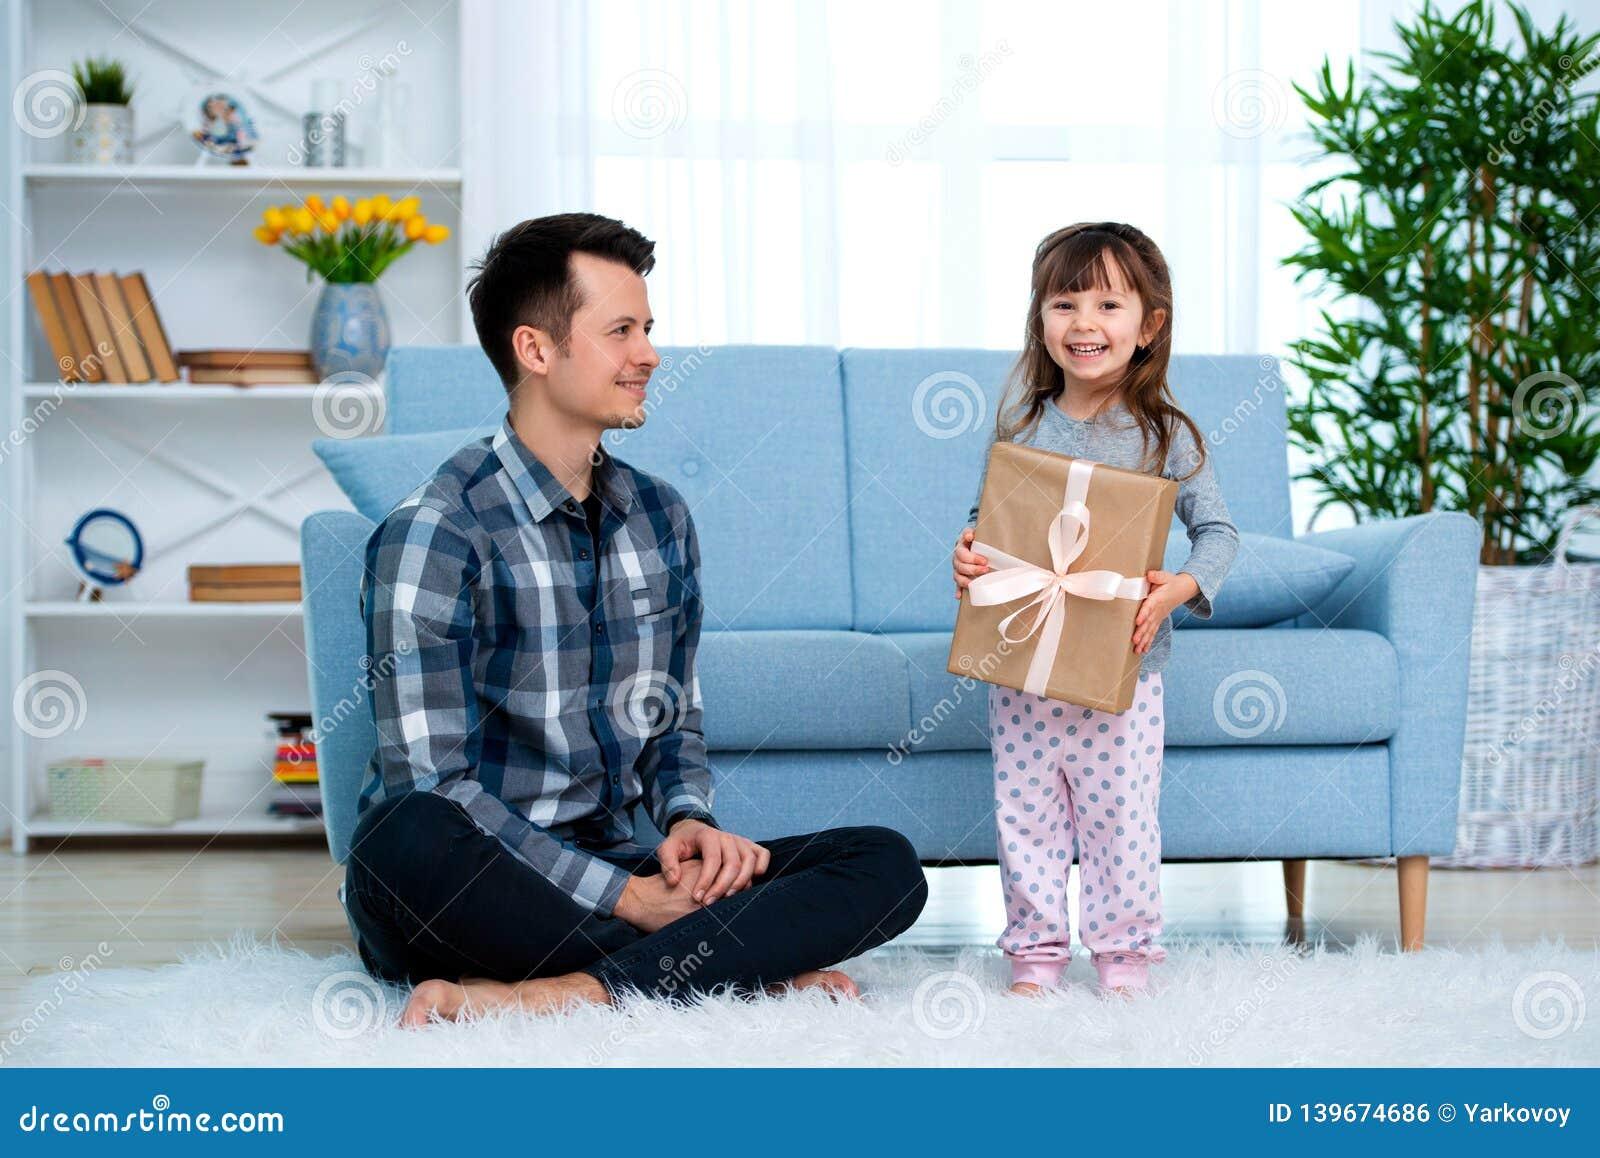 Отец и дочь или брат и сестра с подарком в интерьере комнаты Концепция праздника Дня отца, день детей